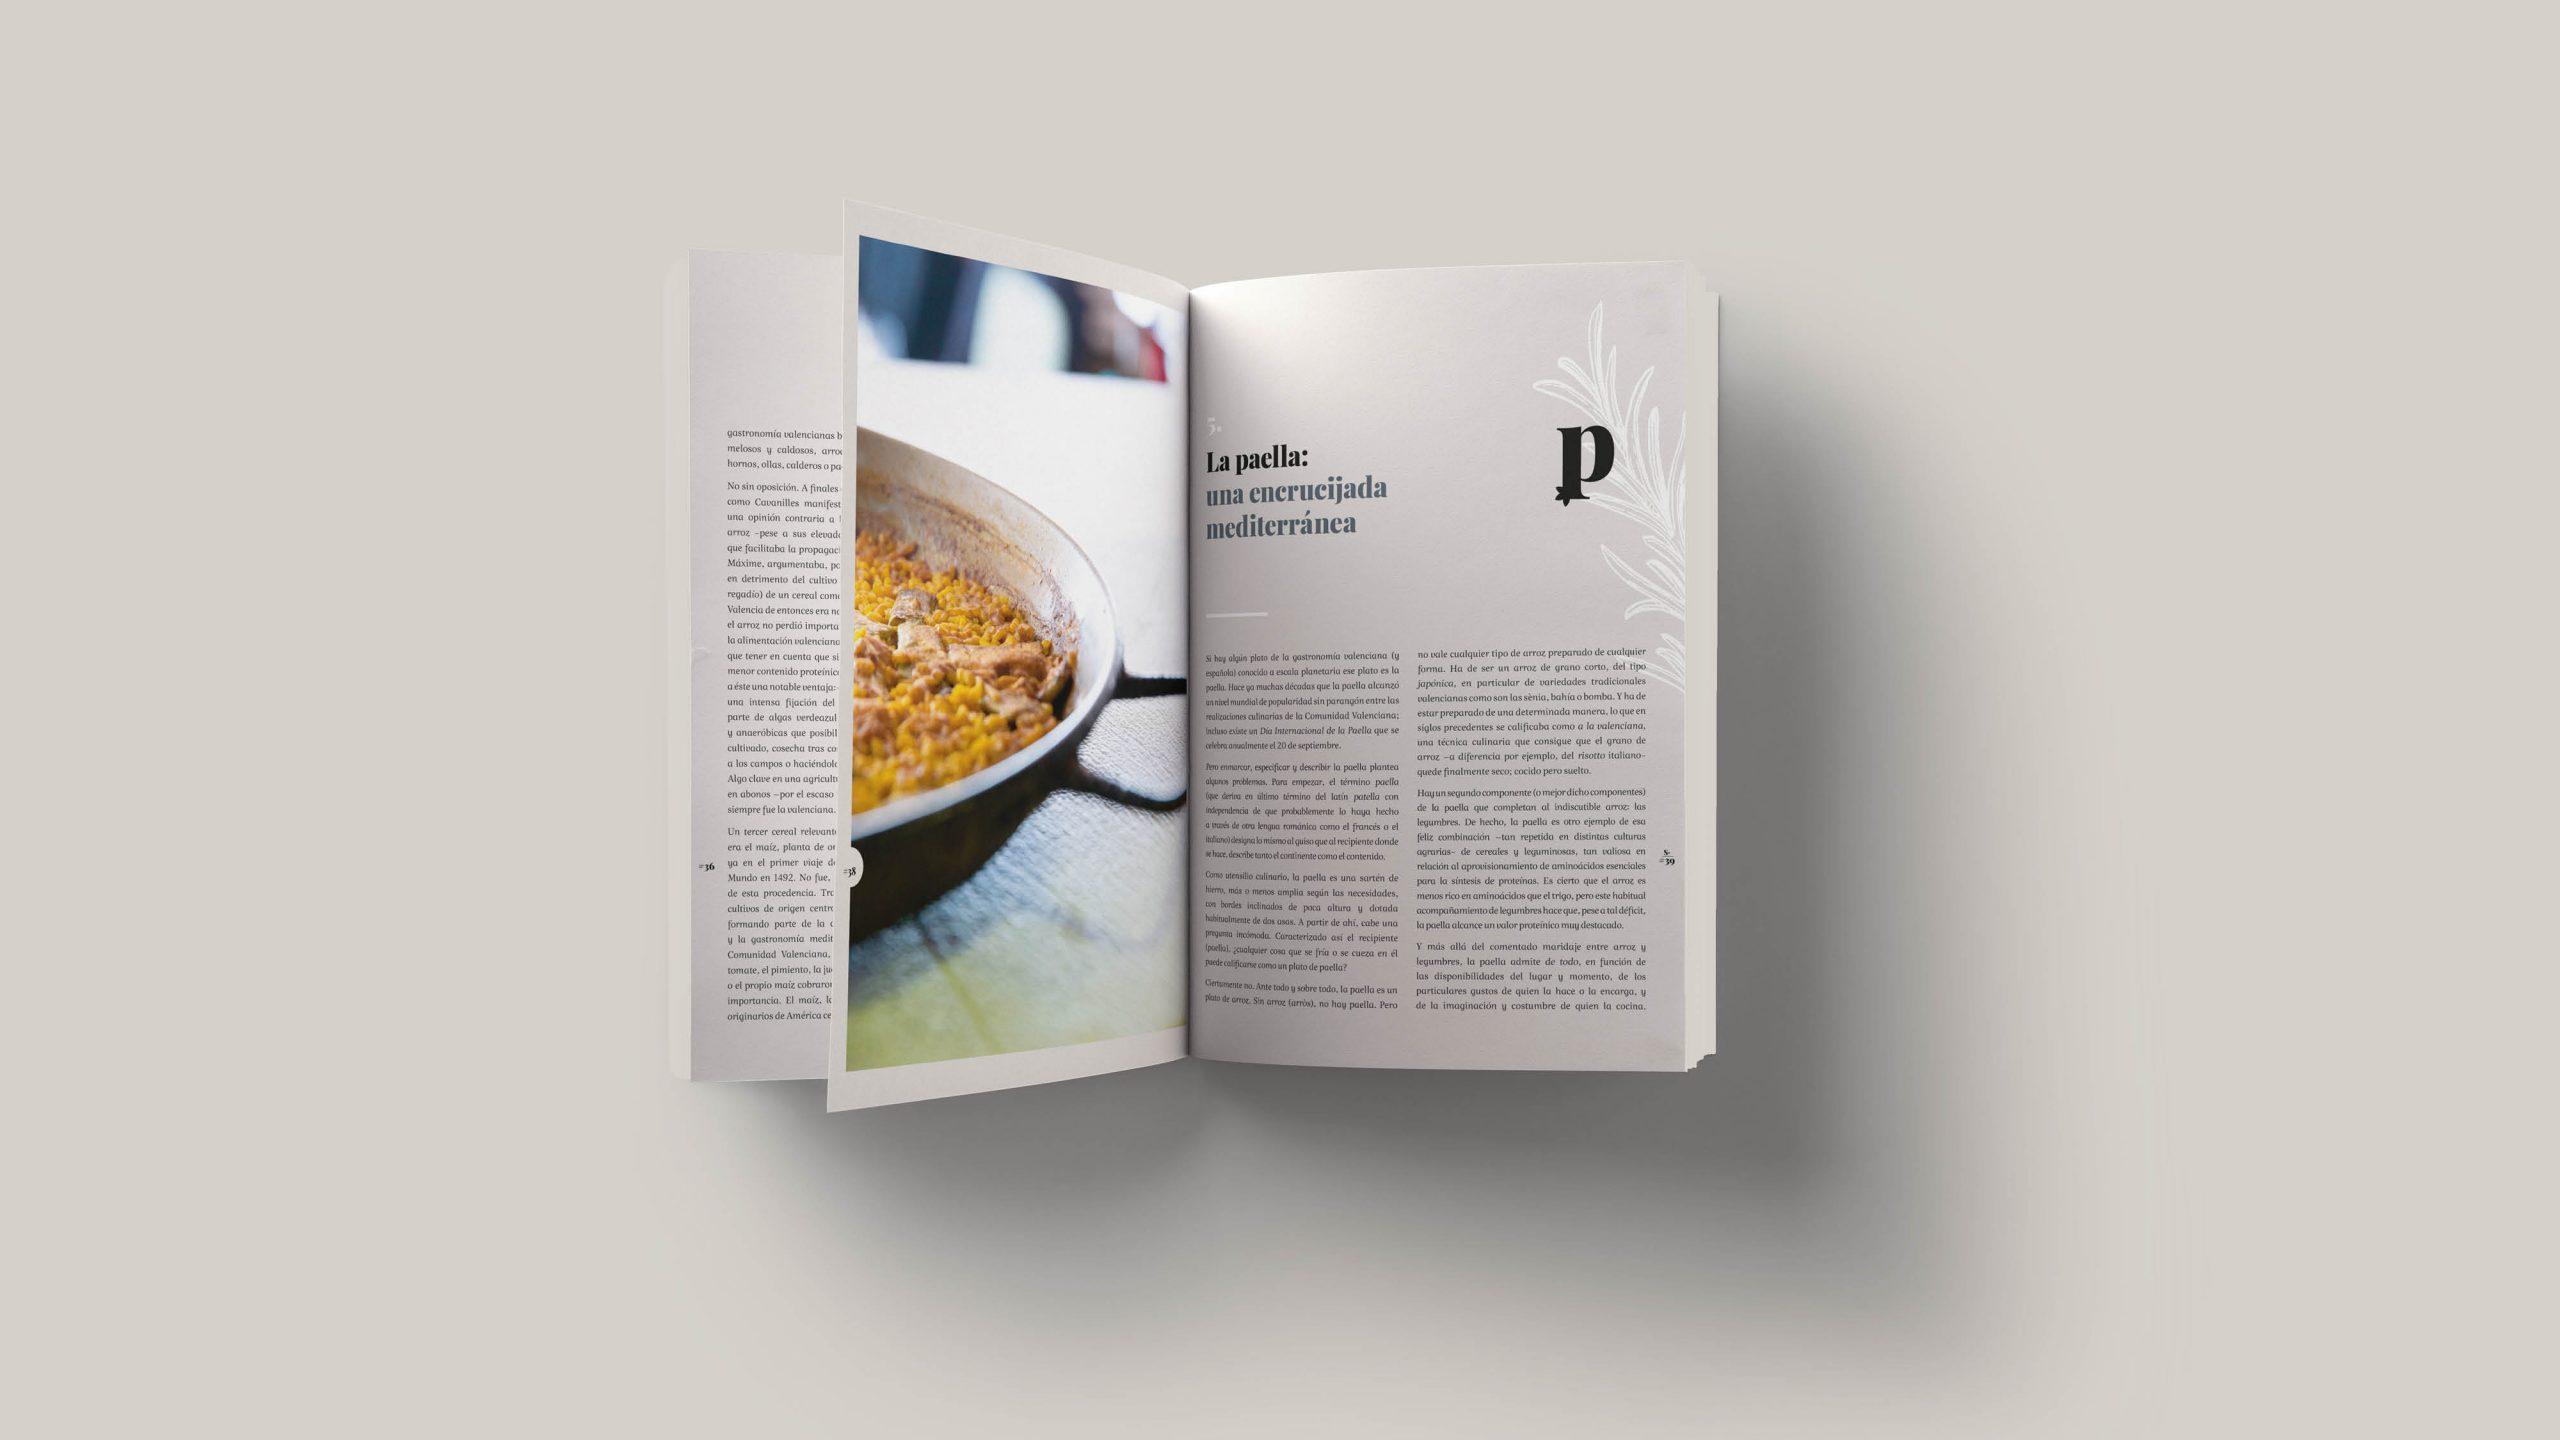 Interior libro - Guía sustentable de la Comunitat Valenciana